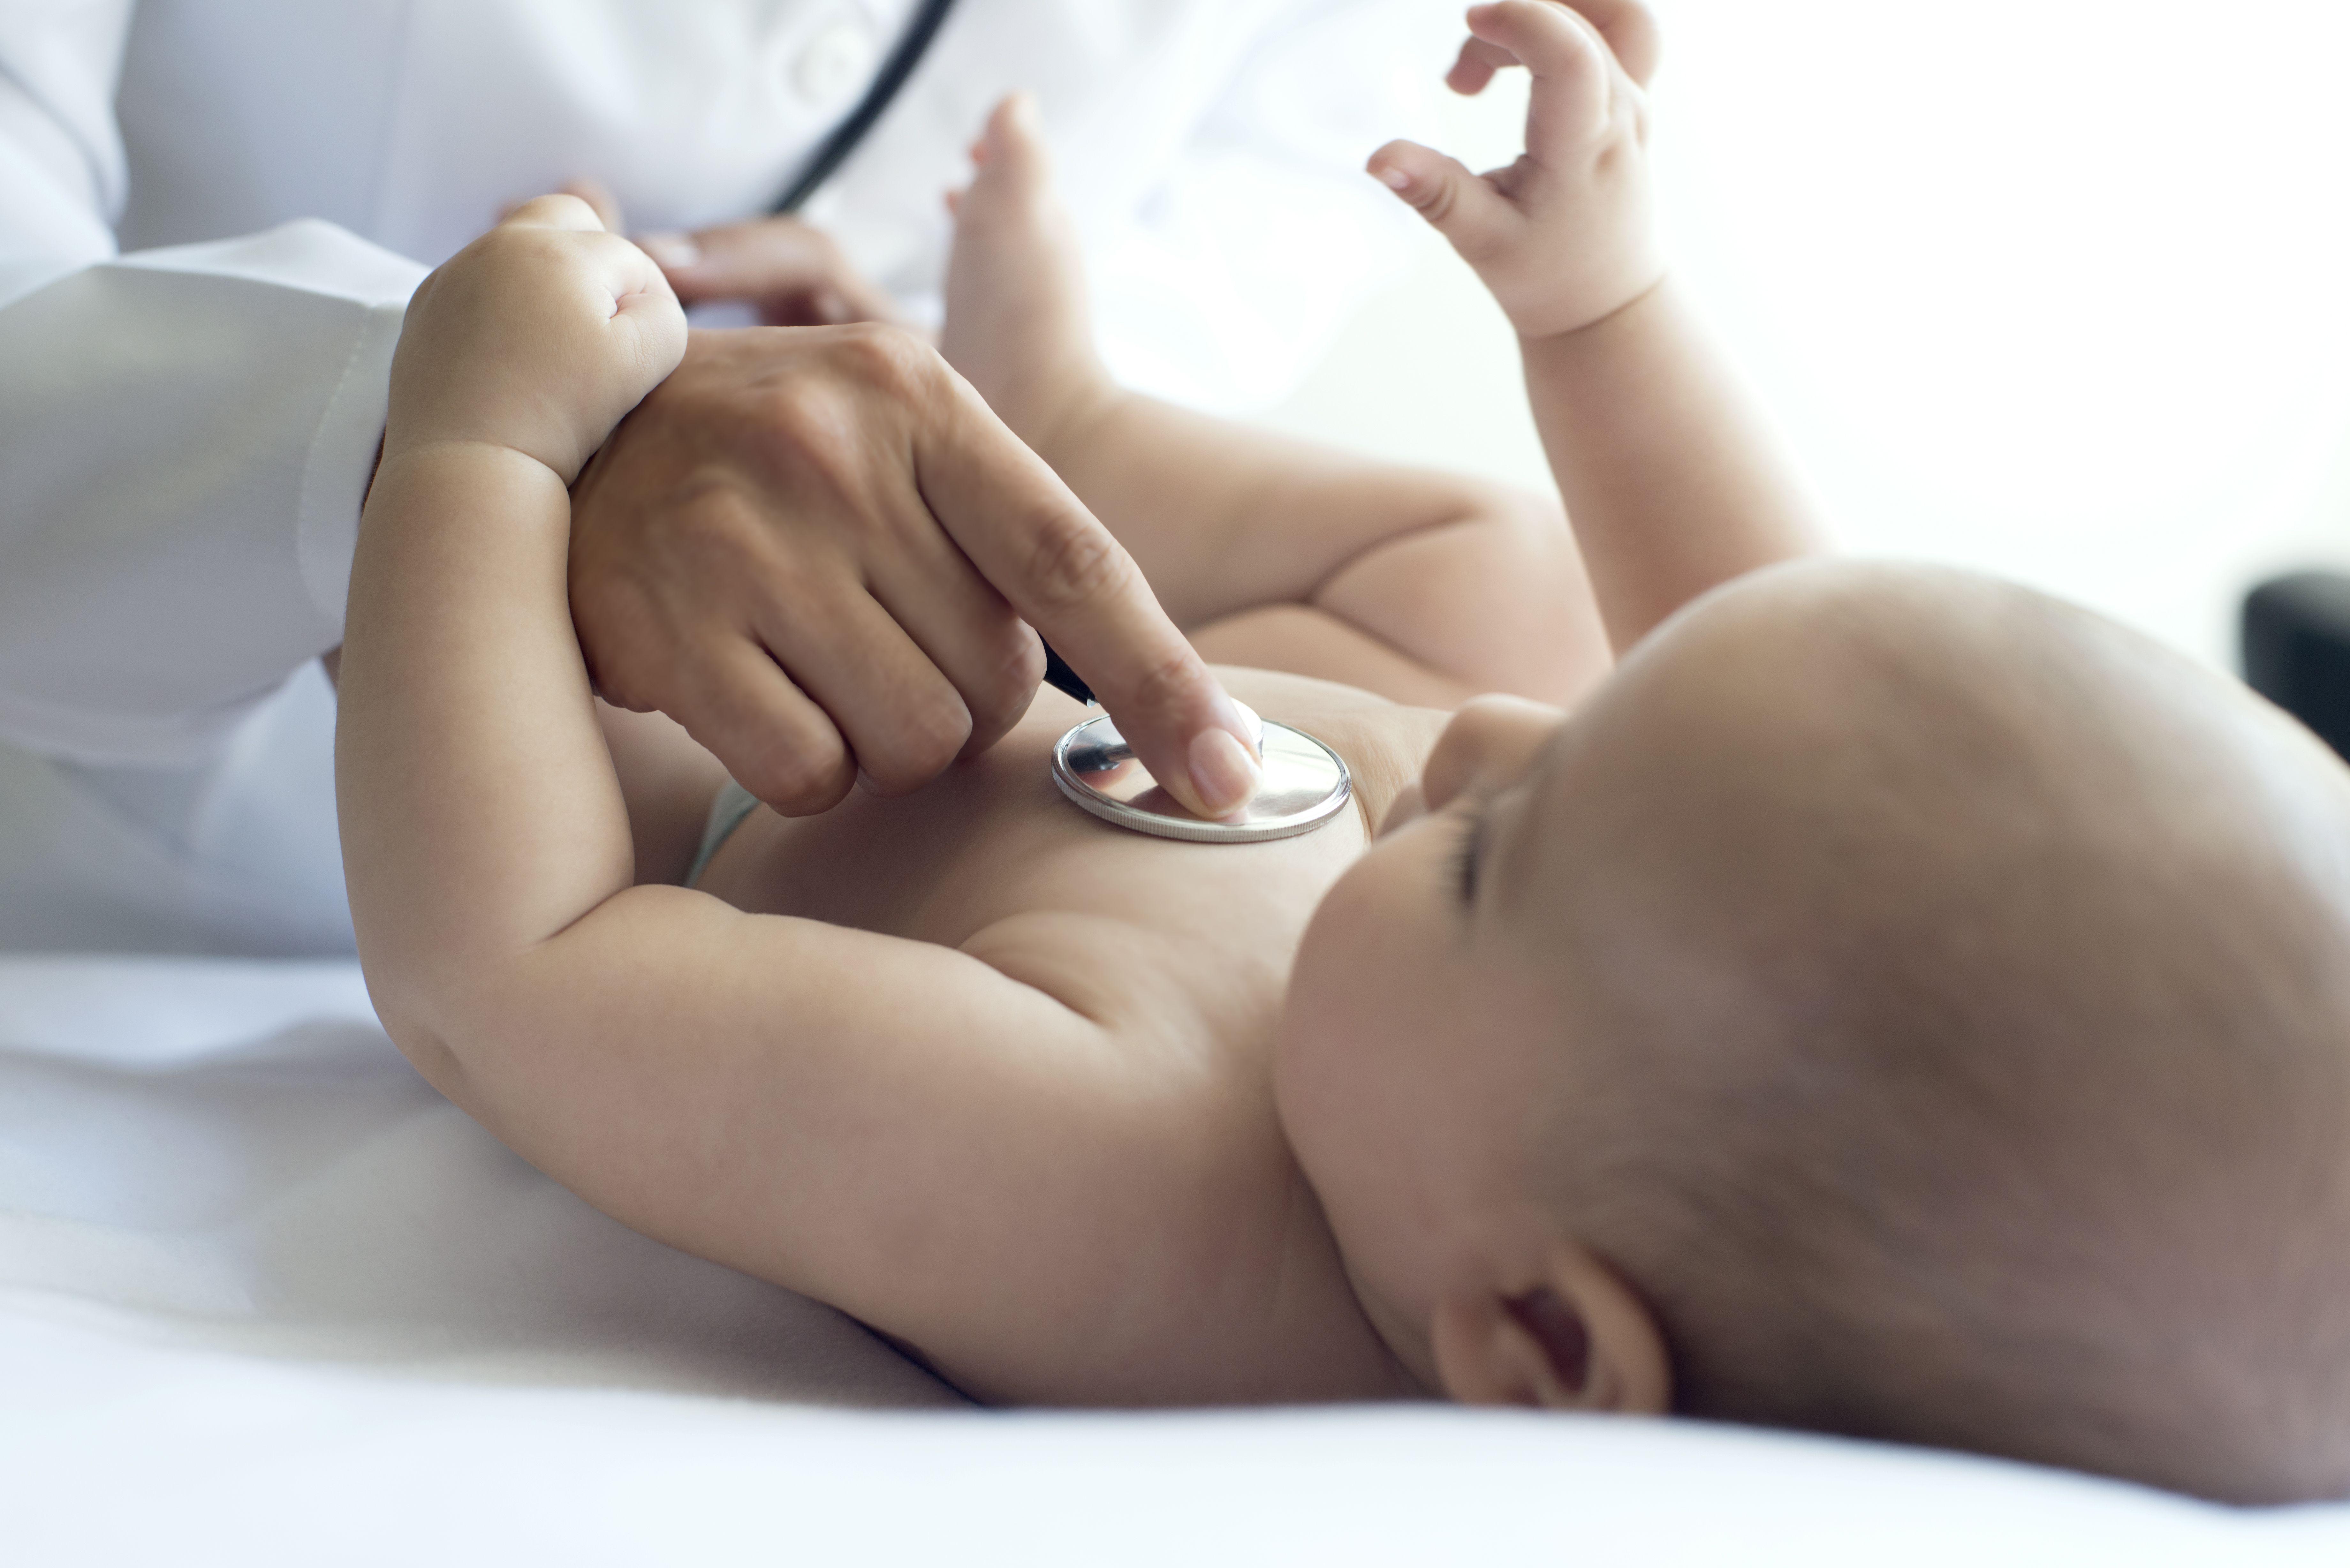 Consulta de Pediatría: Nuestros Servicios de Consultori Medic Creu Blava